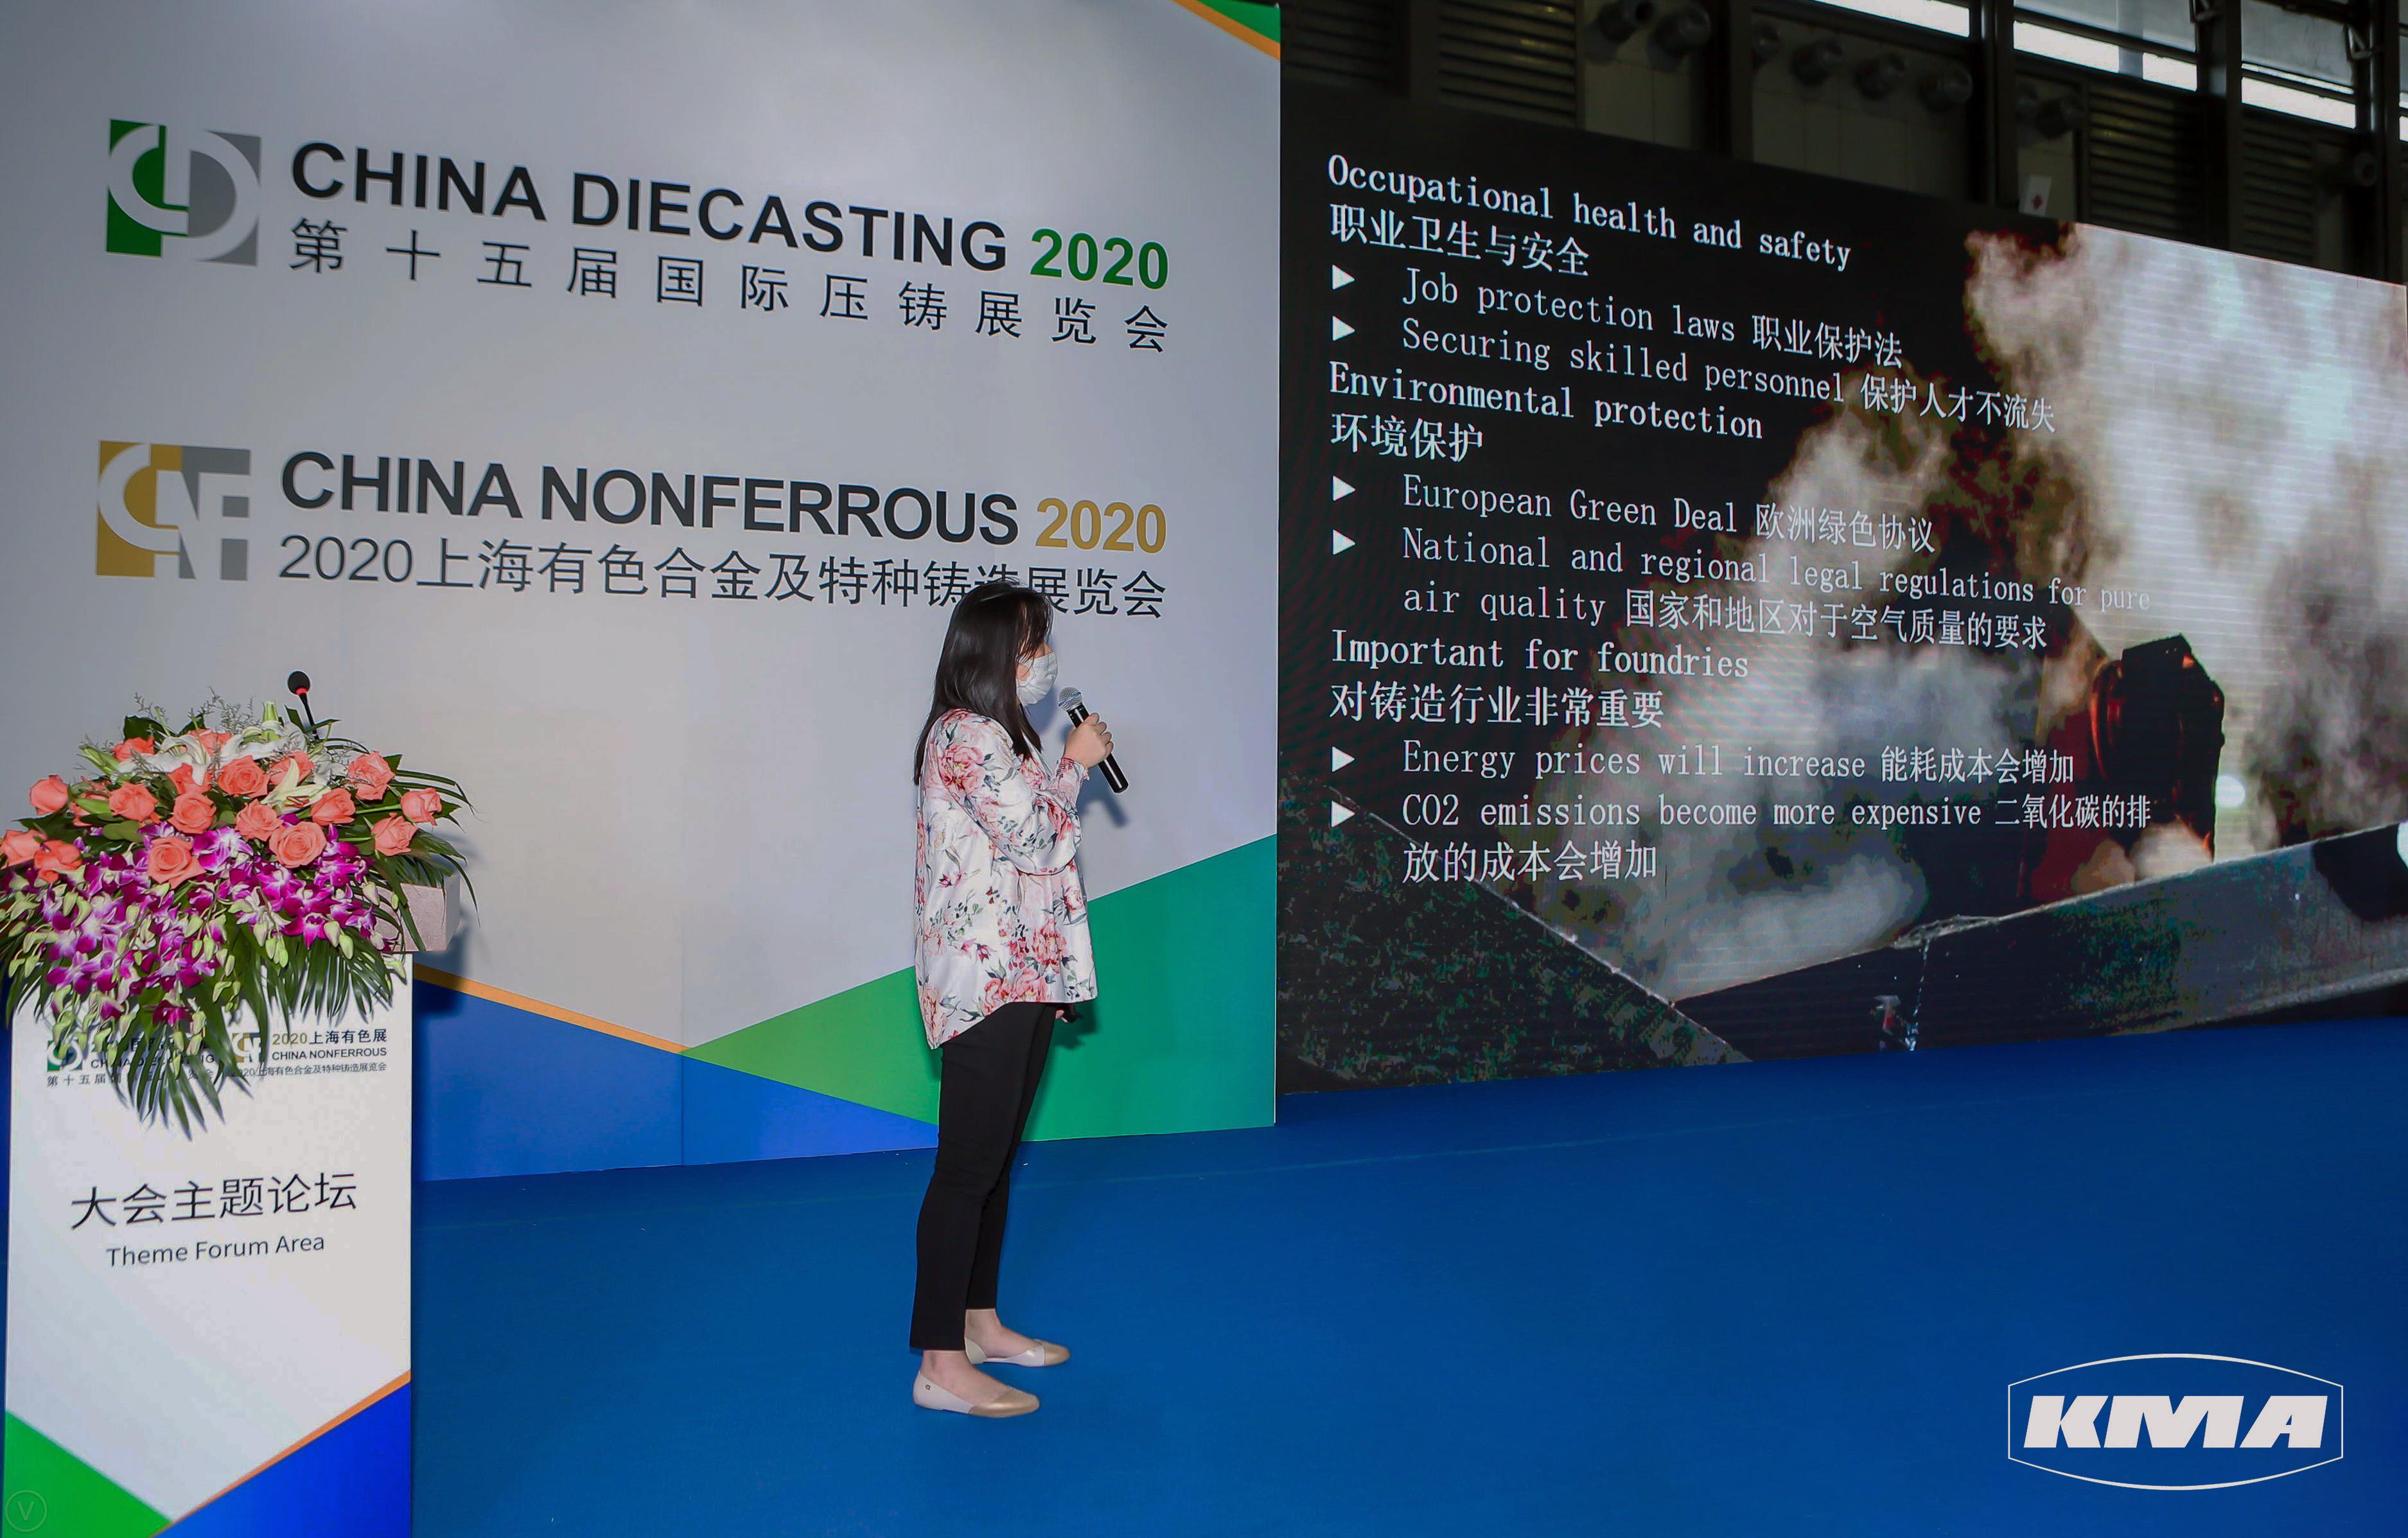 Verkäuferin von KMA Shanghai beim Vortrag auf der CHINA DIECASTING 2020